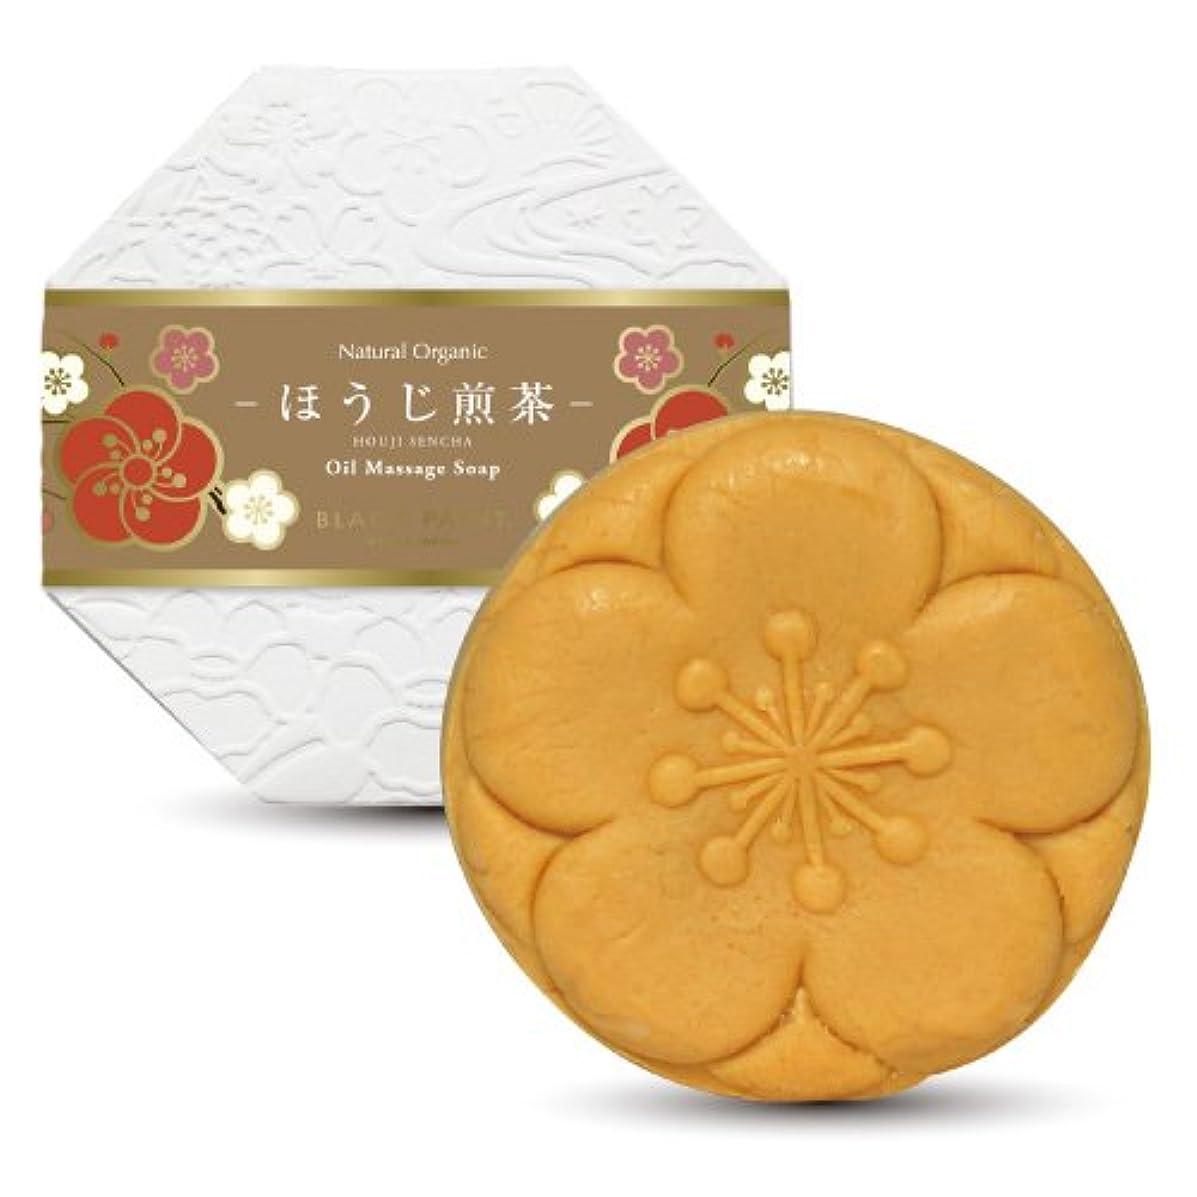 京のお茶石鹸 ほうじ煎茶 120g 塗る石鹸